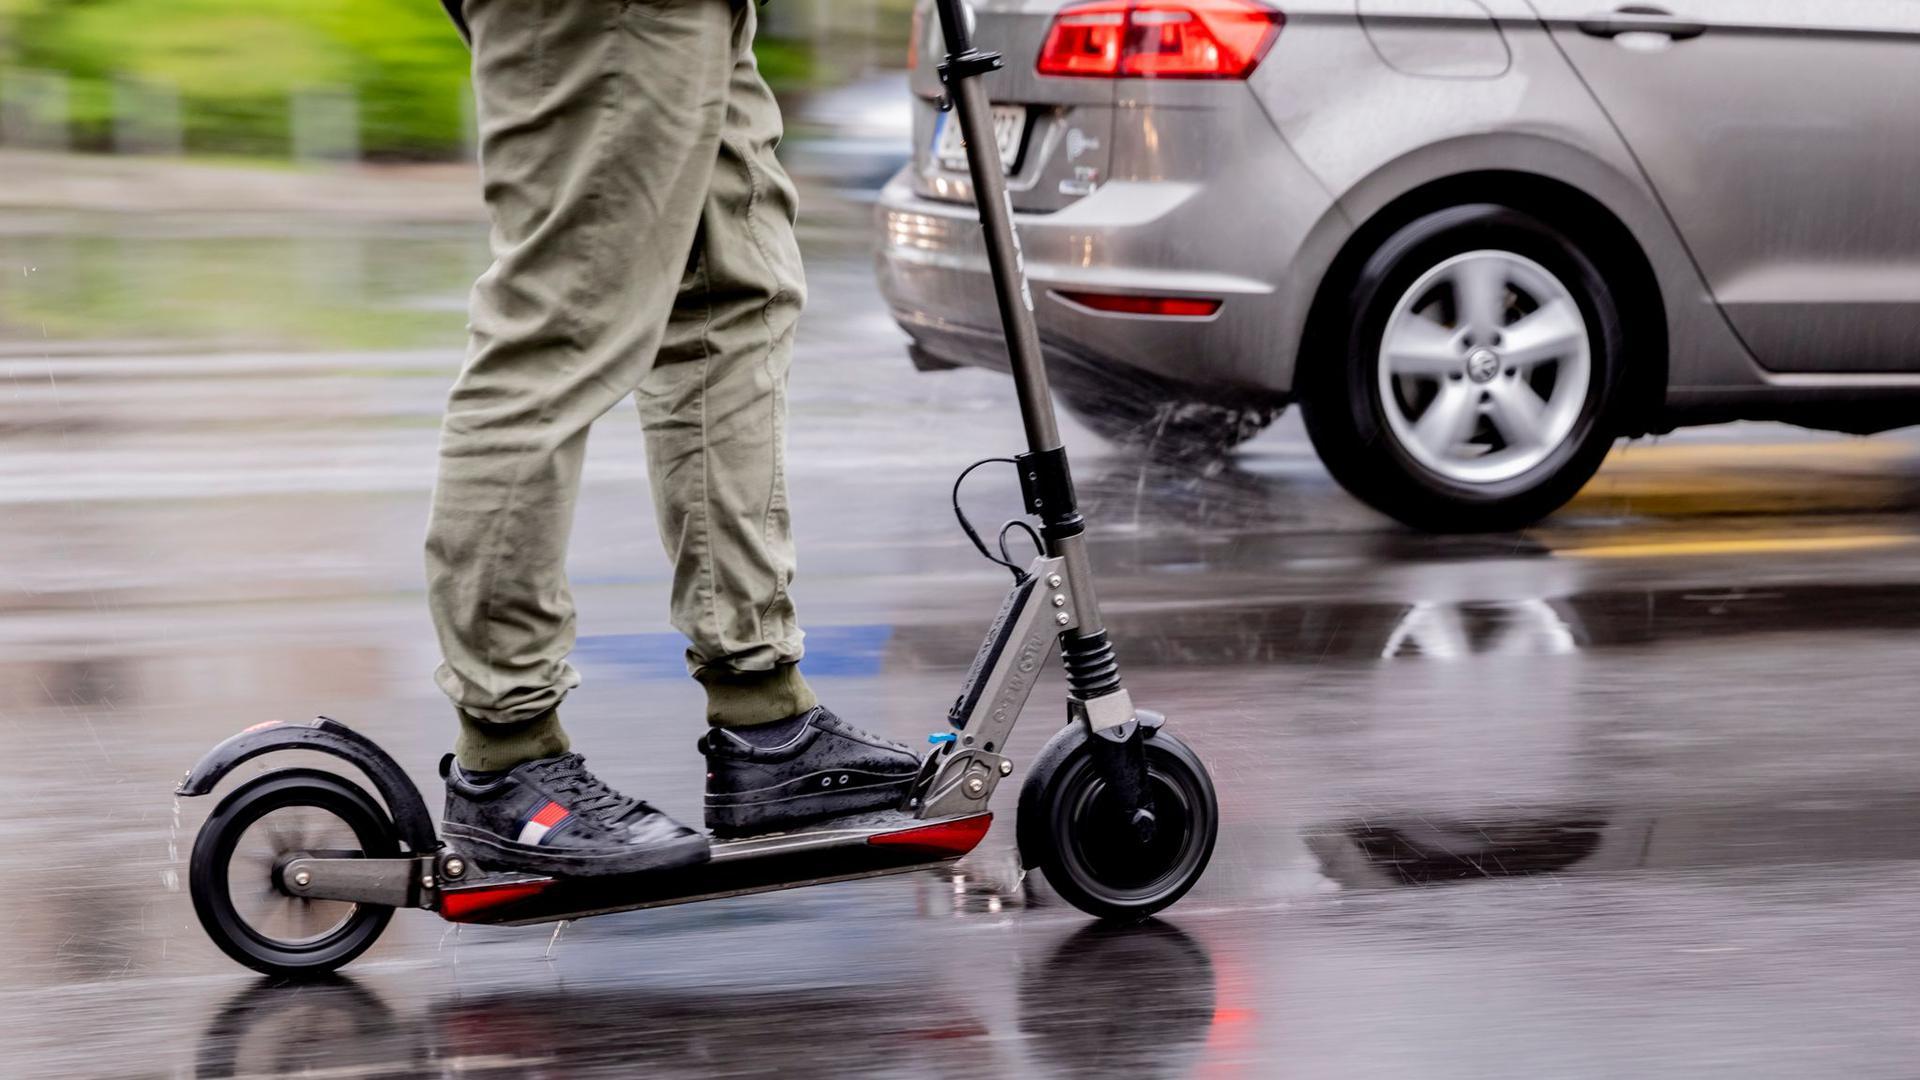 Ein Mann fährt mit einem E-Scooter auf der Straße.